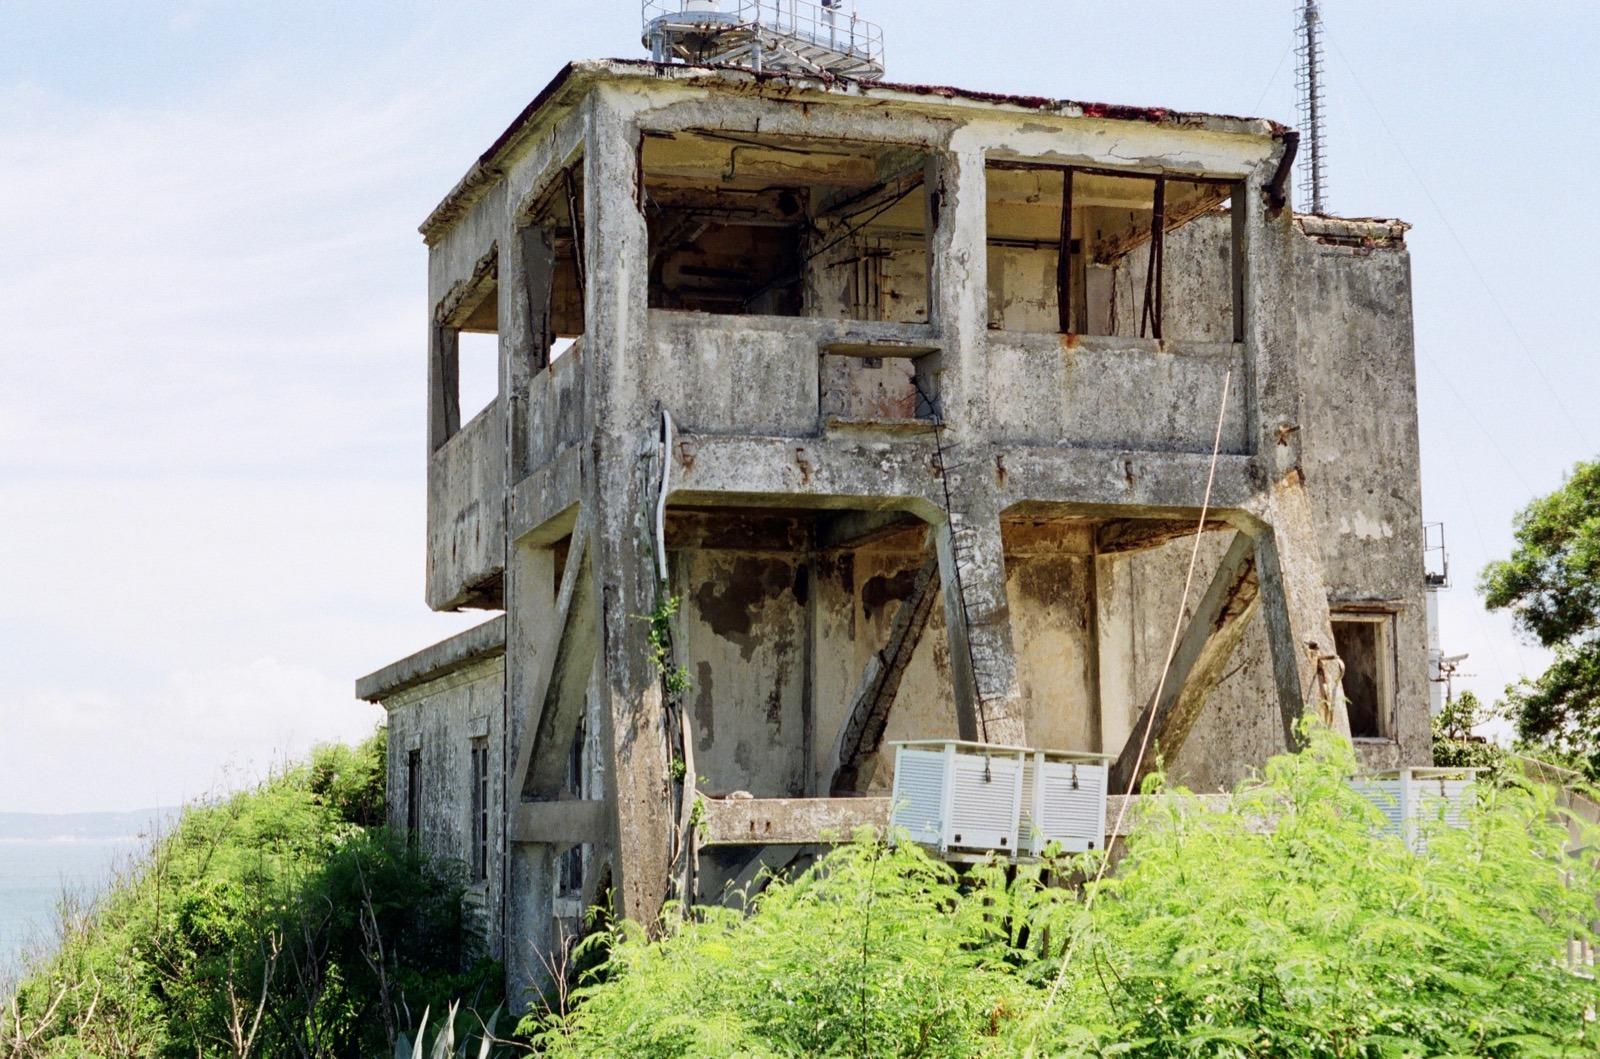 年前有遊人發生離奇意外的宿舍,垂直探索,原來有景轟!